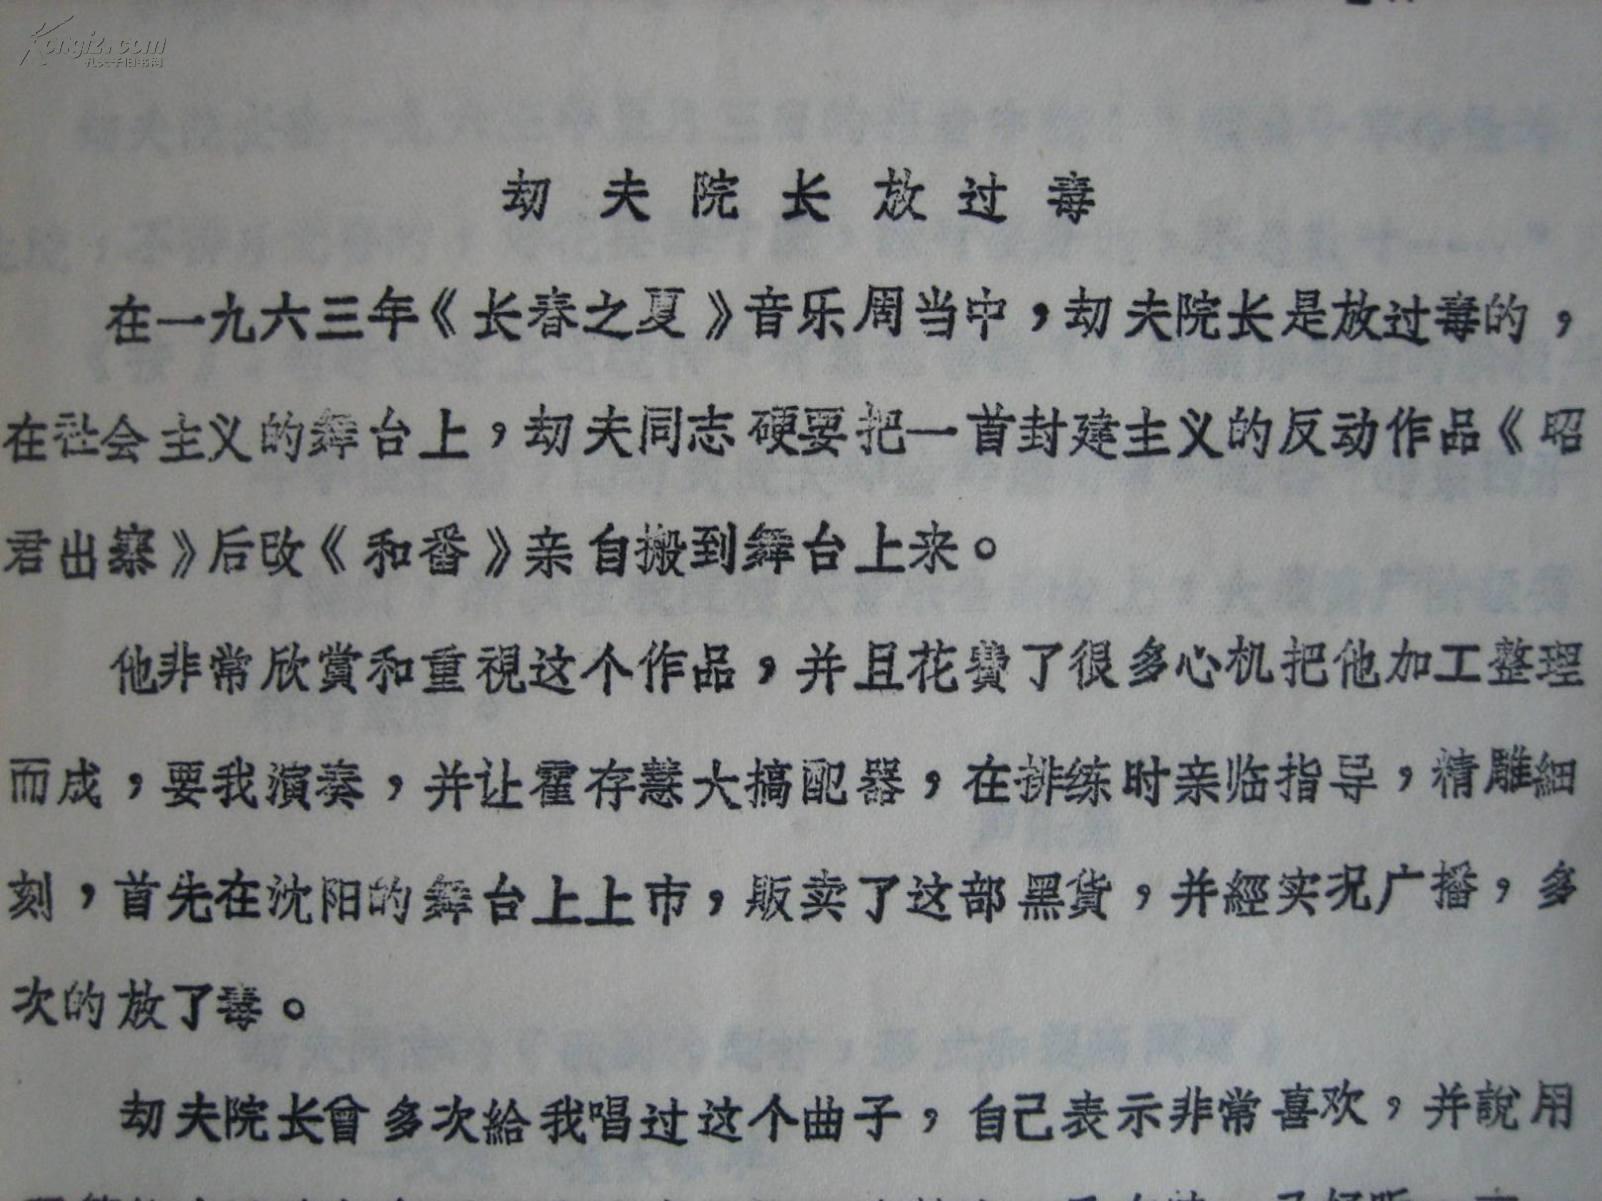 文革《大字报选编》第1、2、3、4期,李劫夫、周桓,沈阳音乐学院,1966年